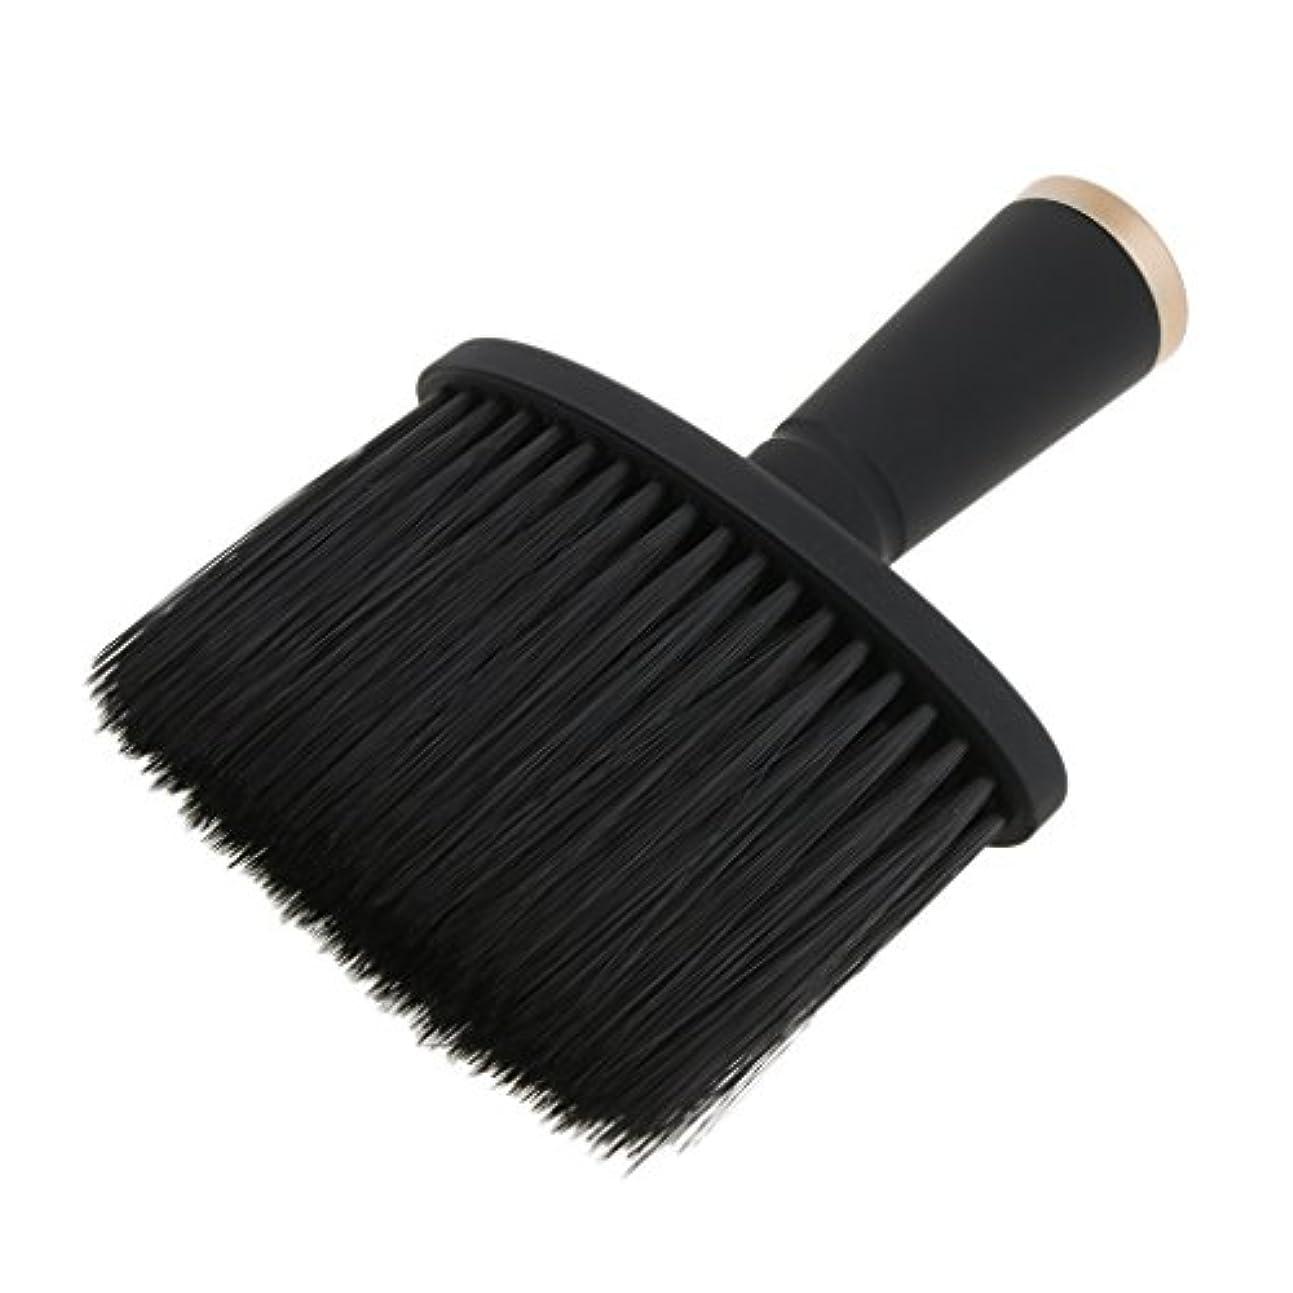 影響協定スコットランド人ネックダスターブラシ ヘアカット ヘアブラシ ヘアスタイリスト 理髪 高品質 合成繊維+プラスチック 全2色 - ゴールド